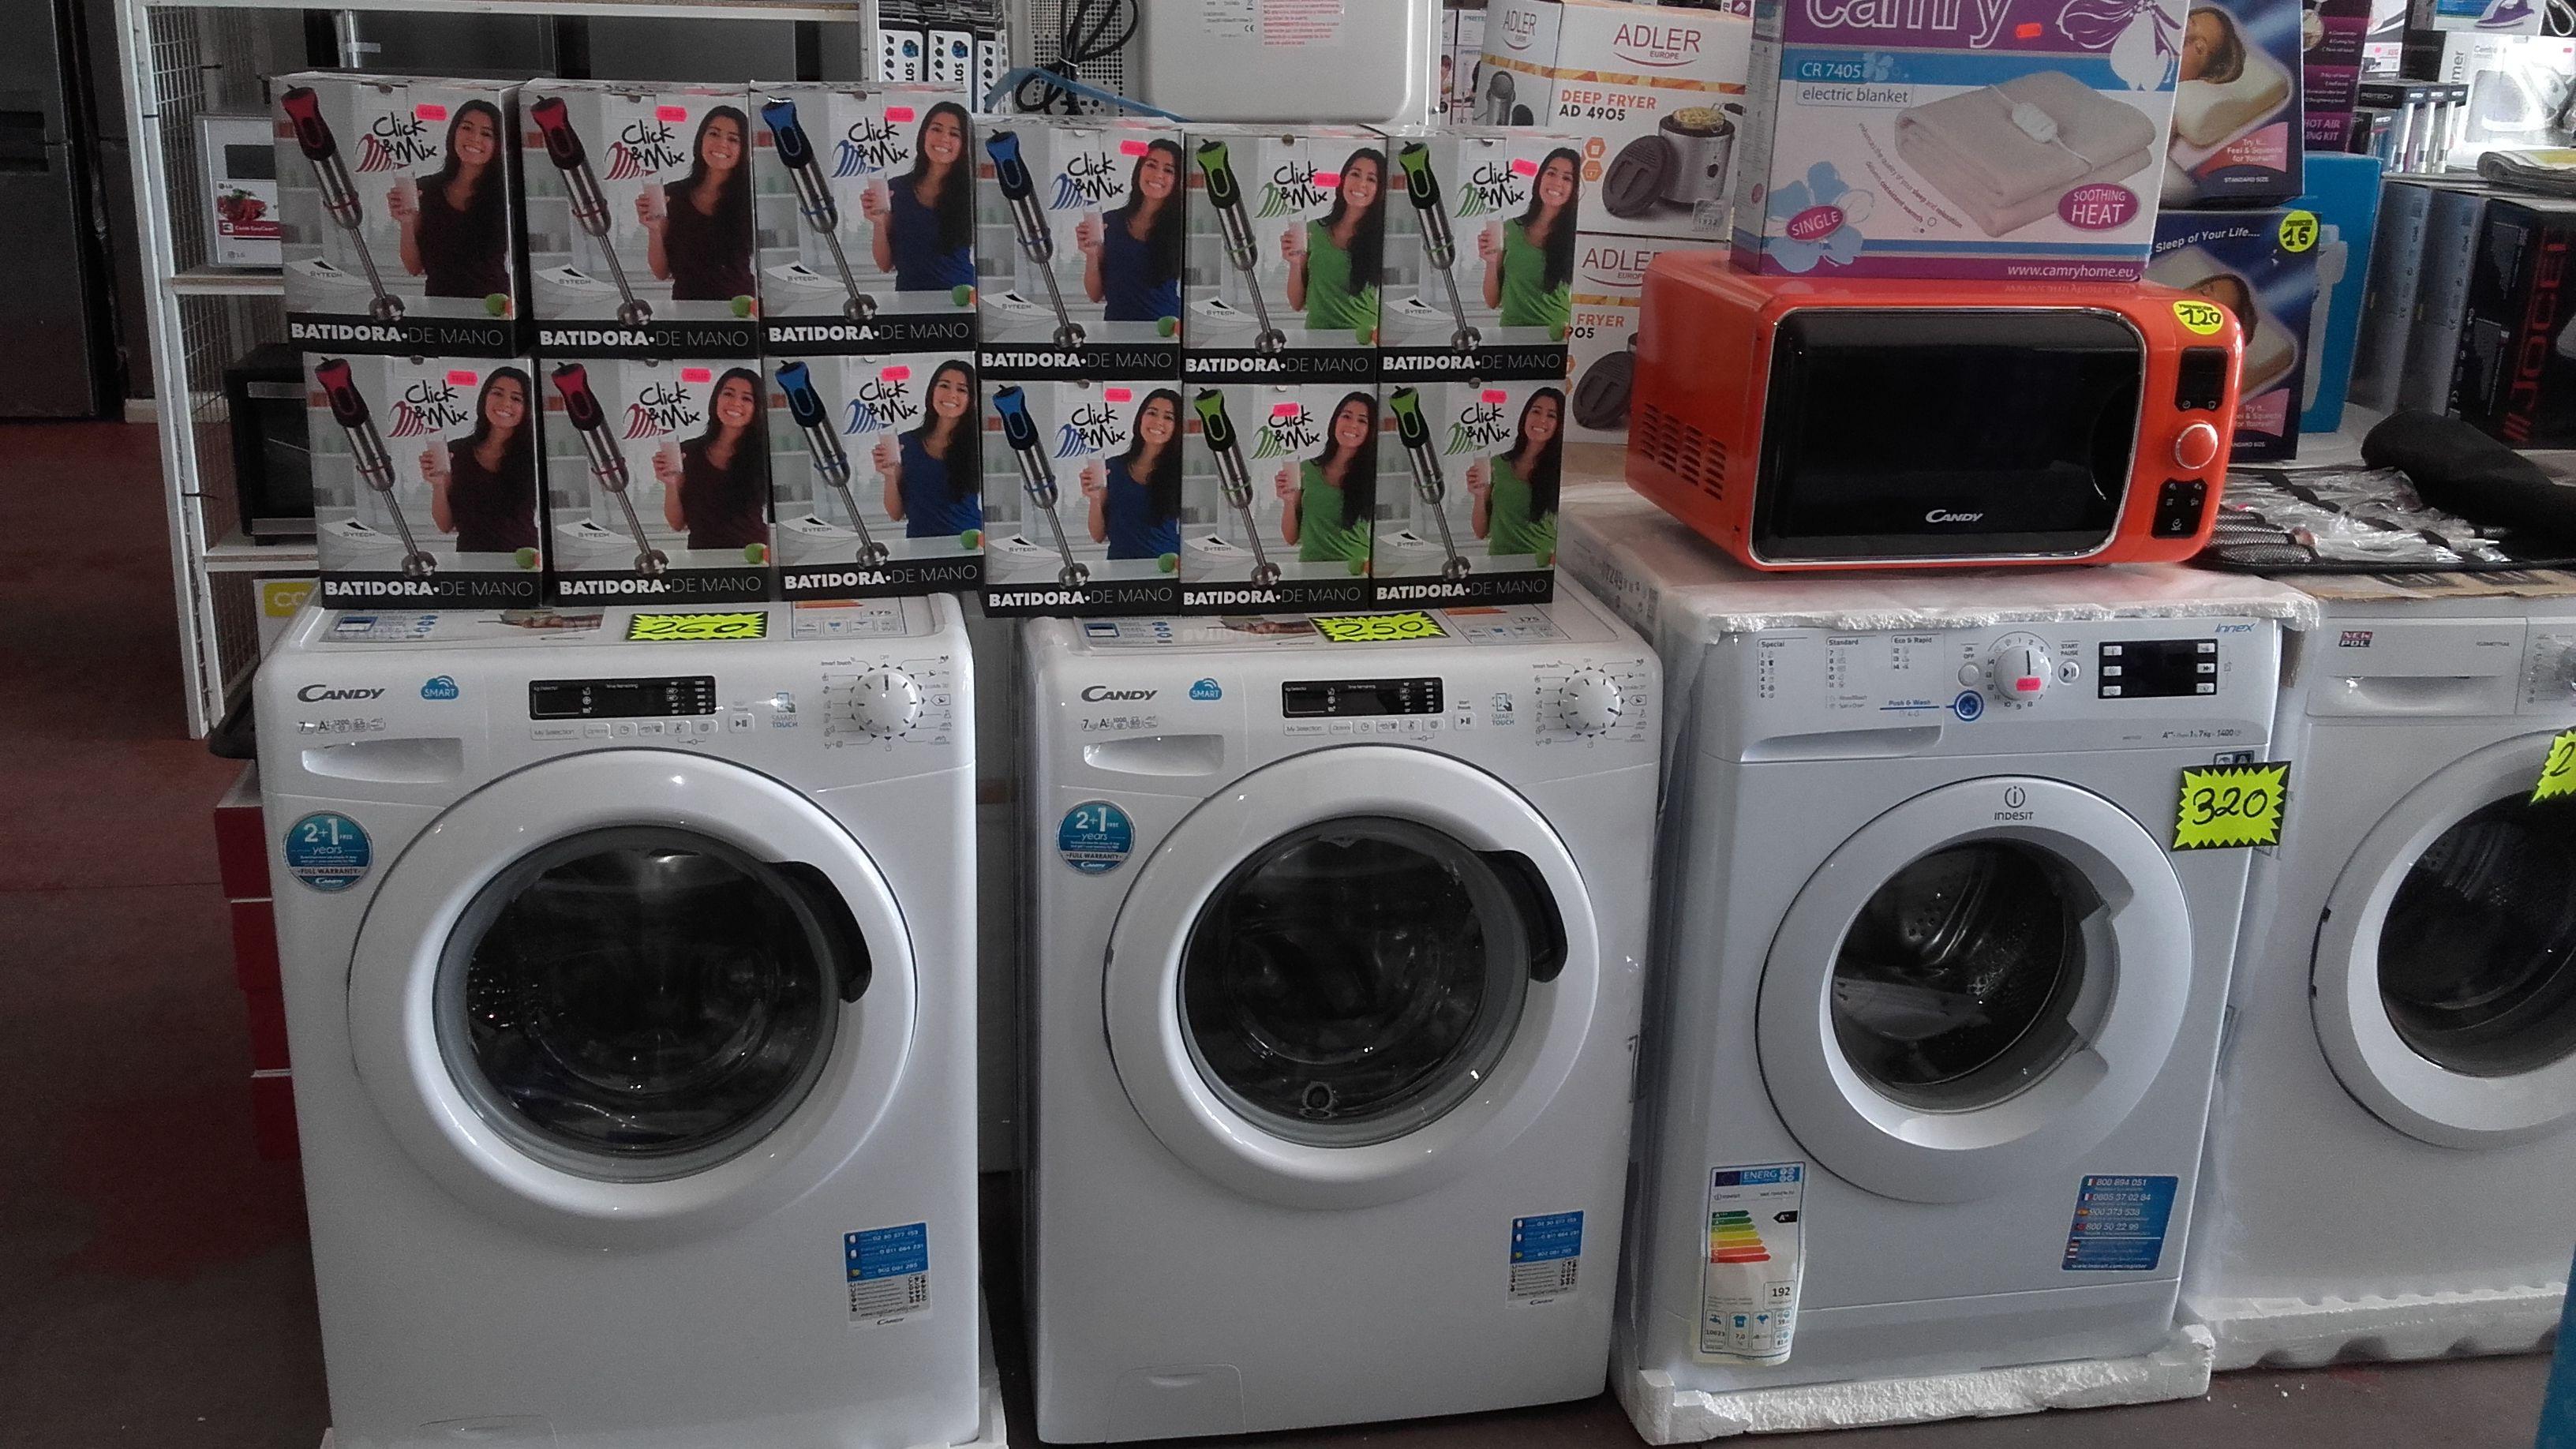 Venta de lavadoras al mejor precio